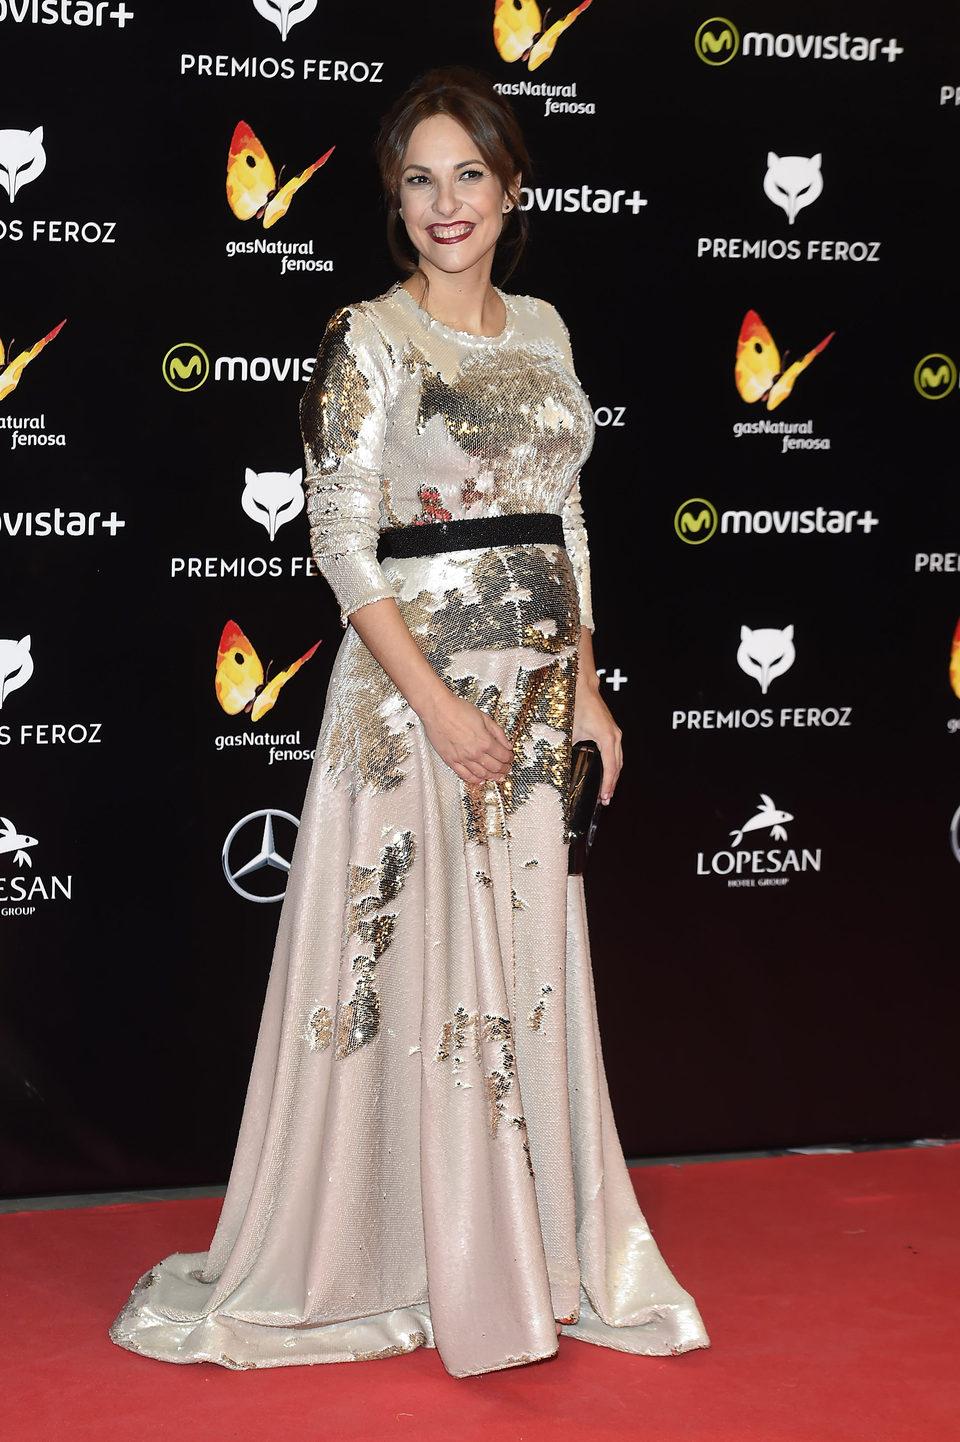 Paula Ortiz en la alfombra roja de los Premios Feroz 2016